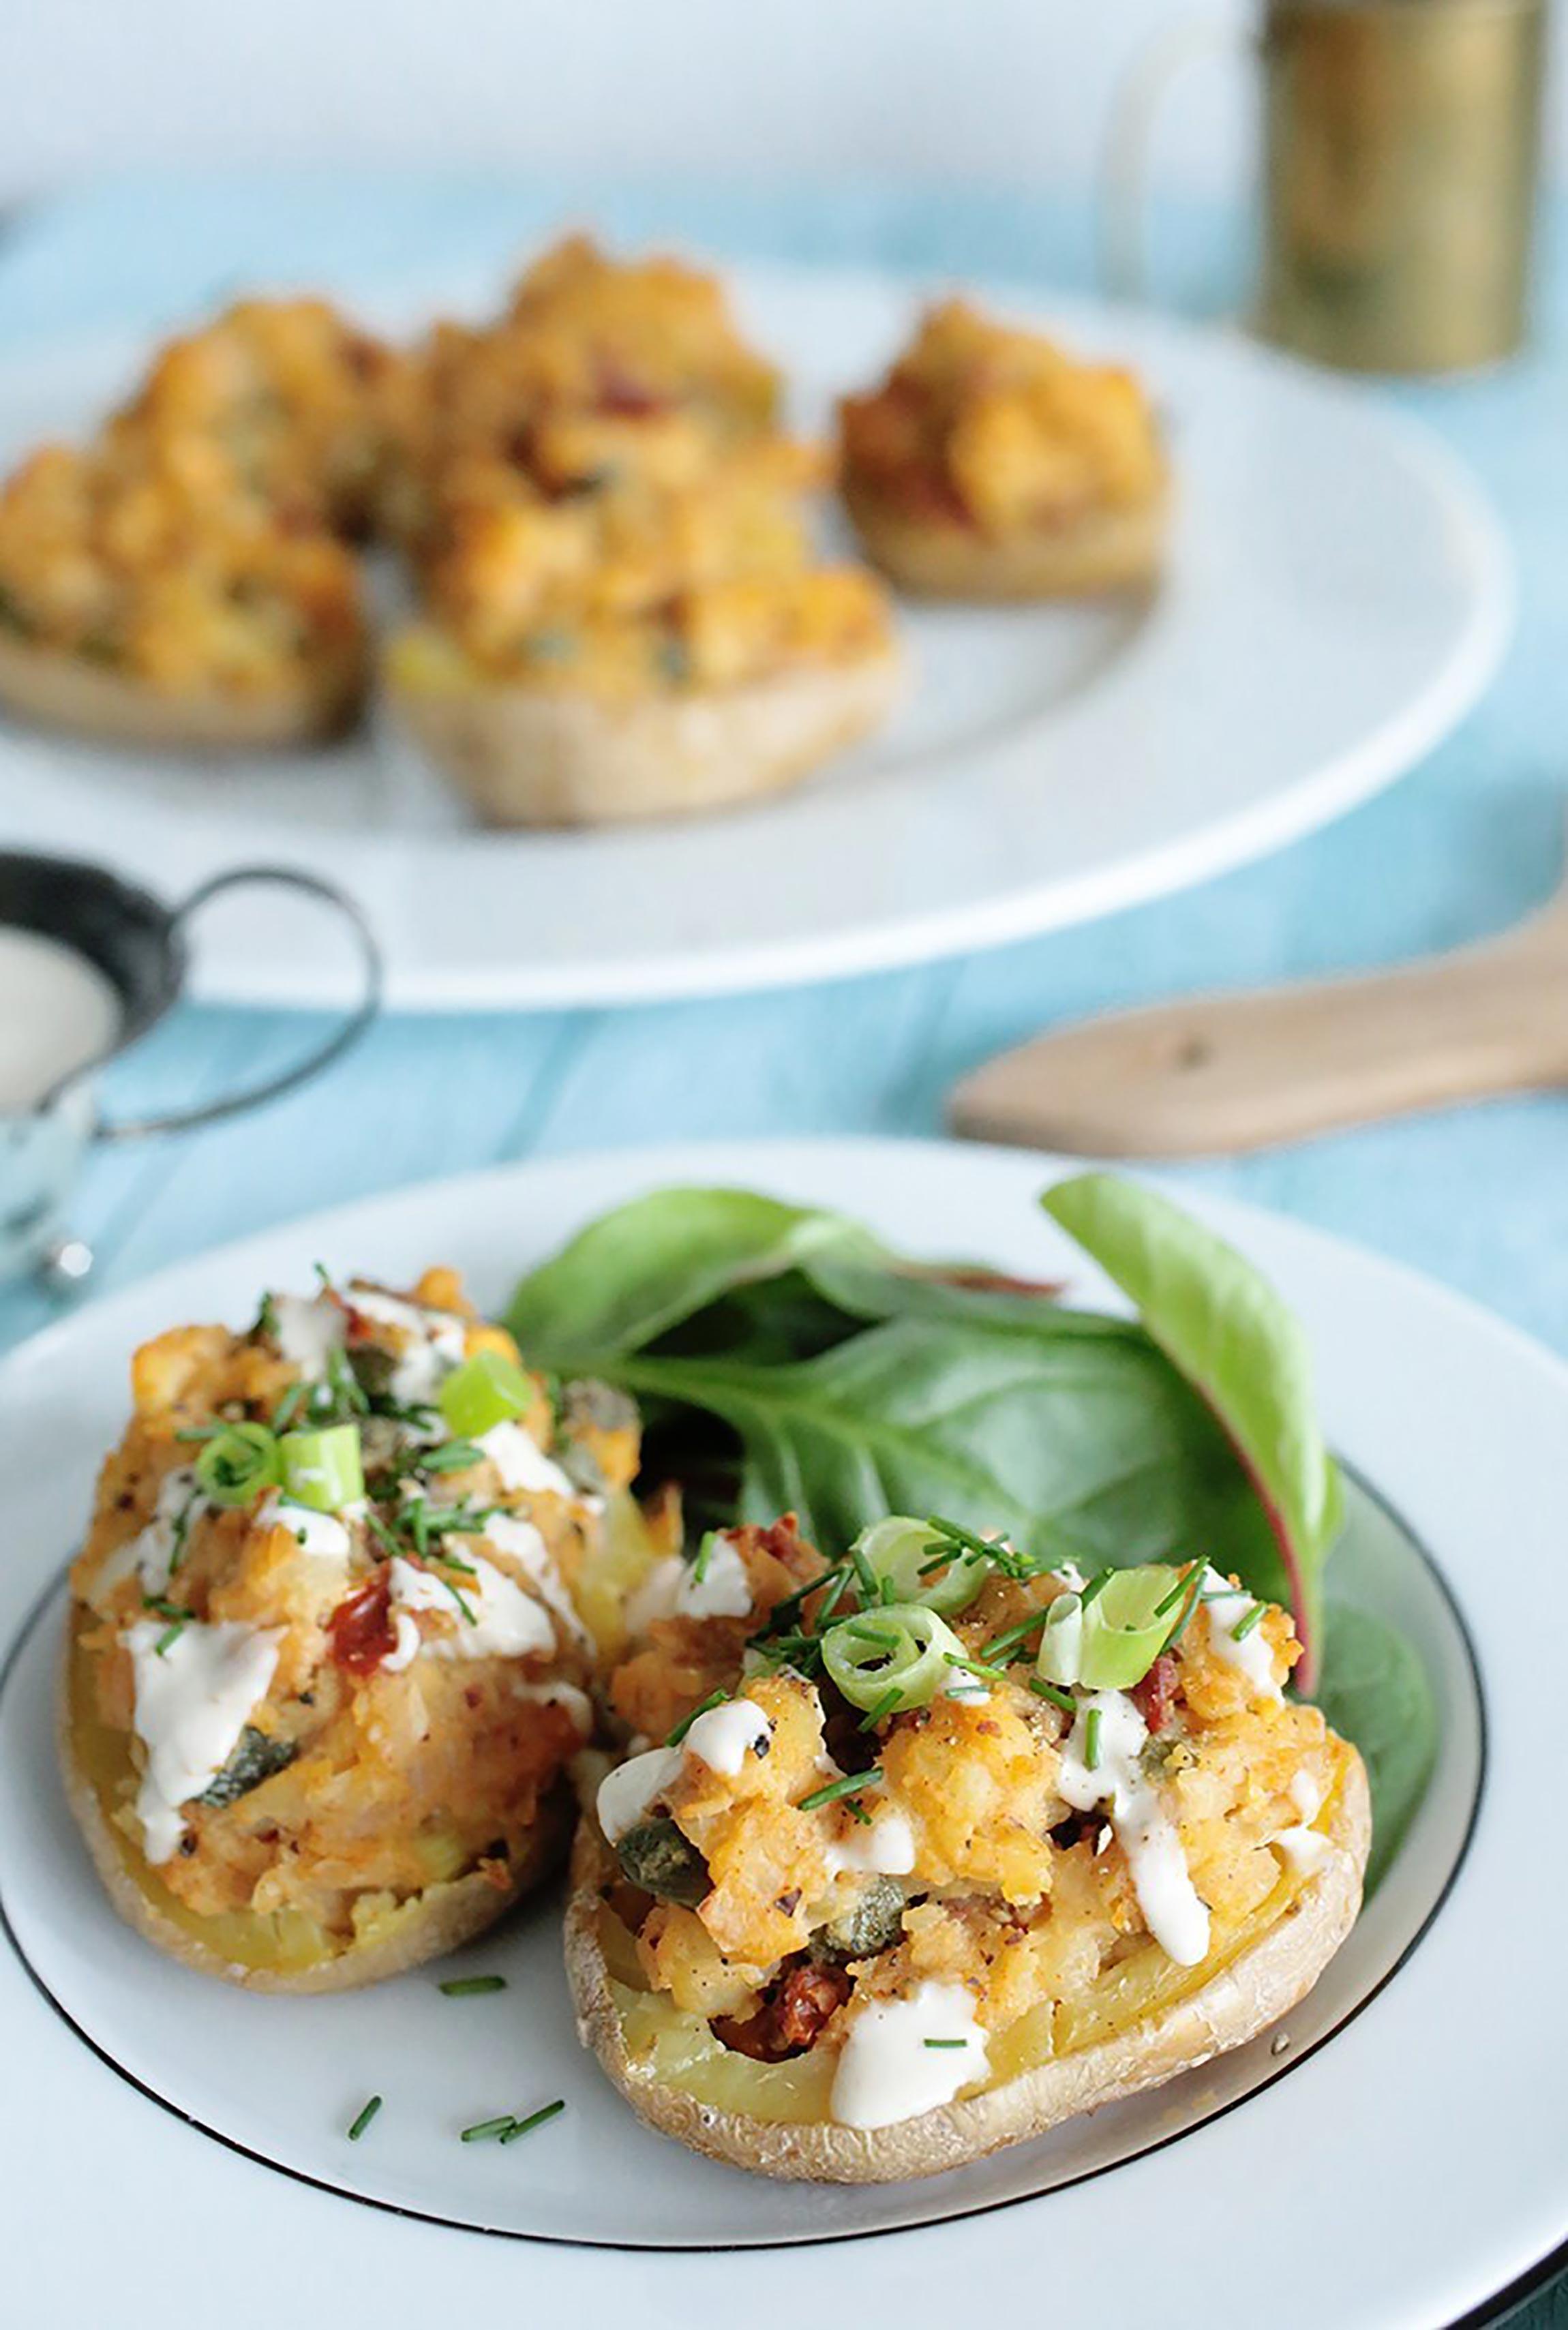 Healthy Super Bowl Recipes: Potato Skins